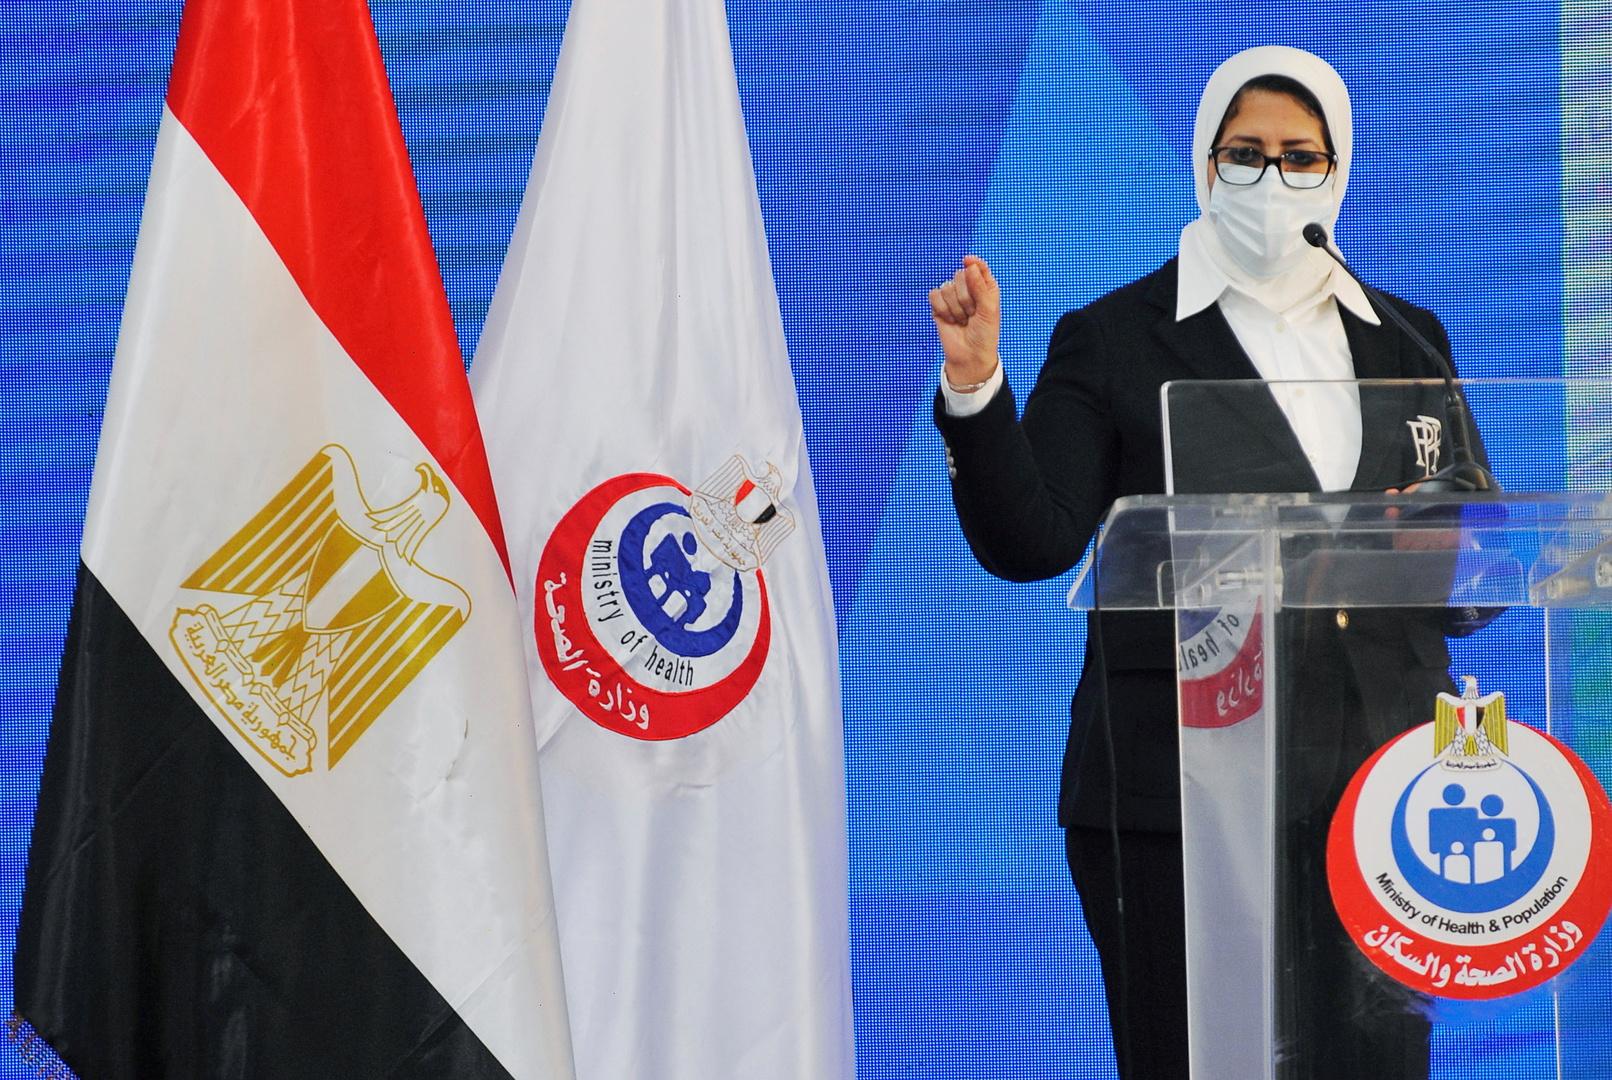 مصر.. الصحة تصدر نصائح لتقوية المناعة ضد فيروس كورونا